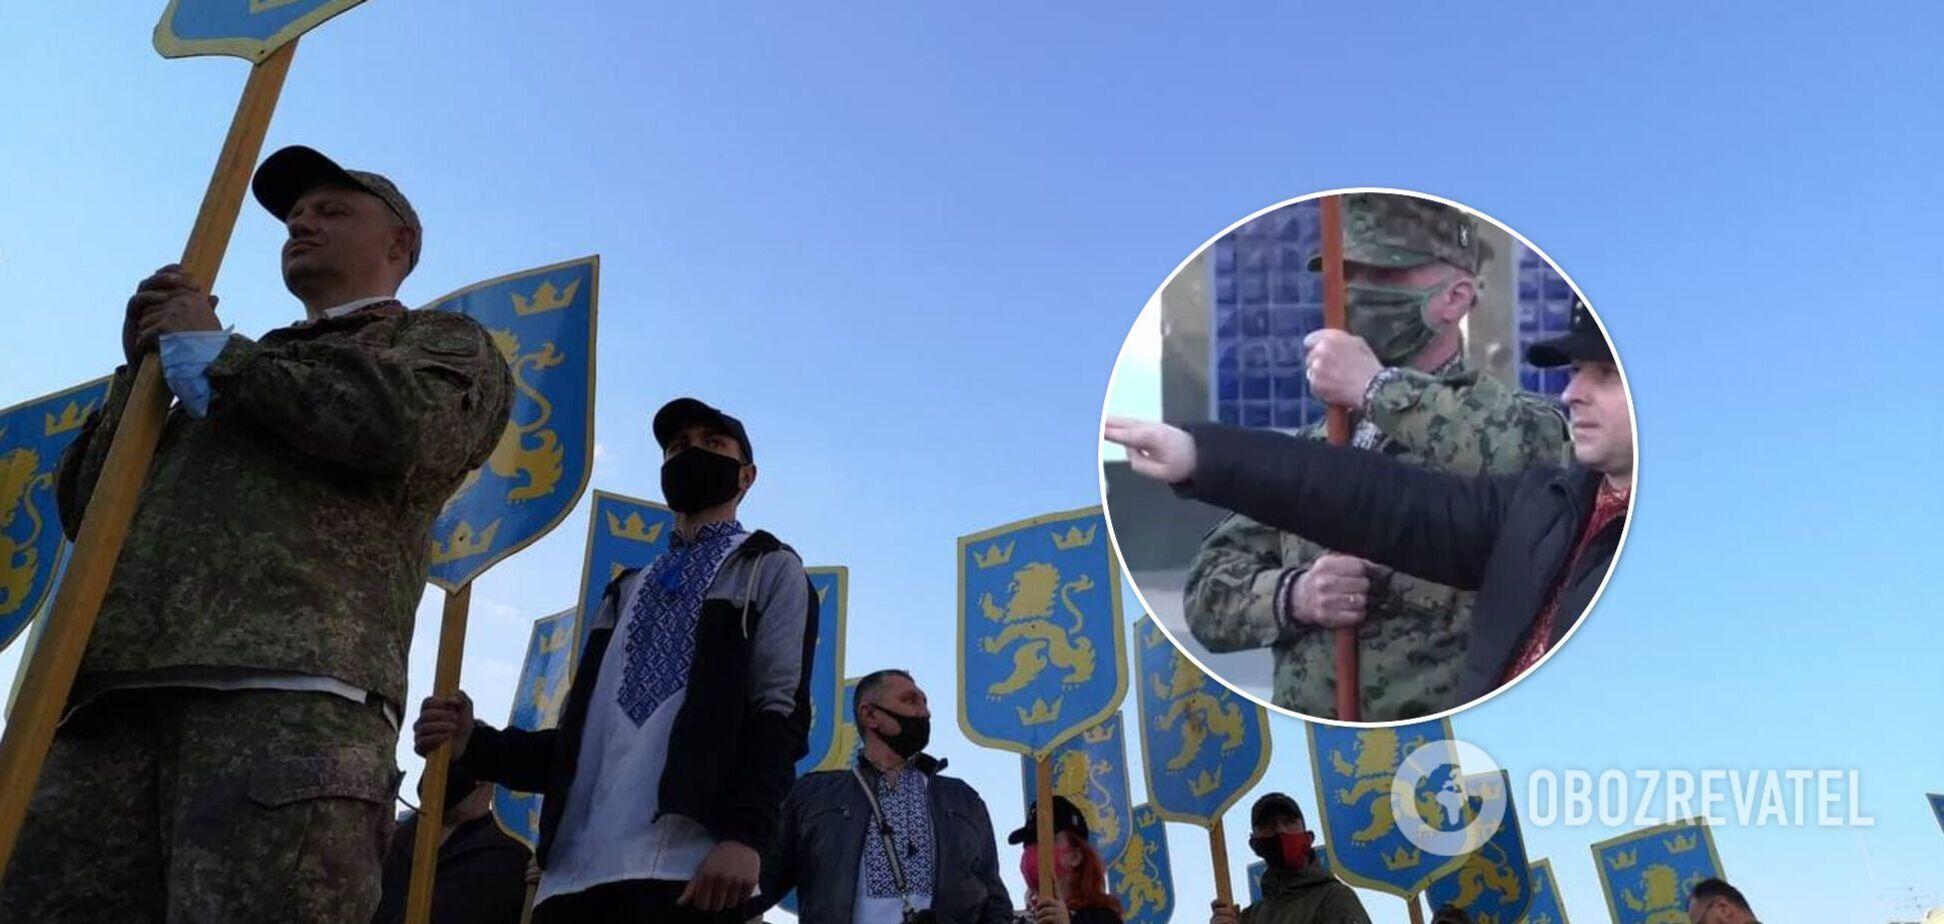 Учасника маршу в Києві покарають за нацистське вітання: в поліції повідомили деталі